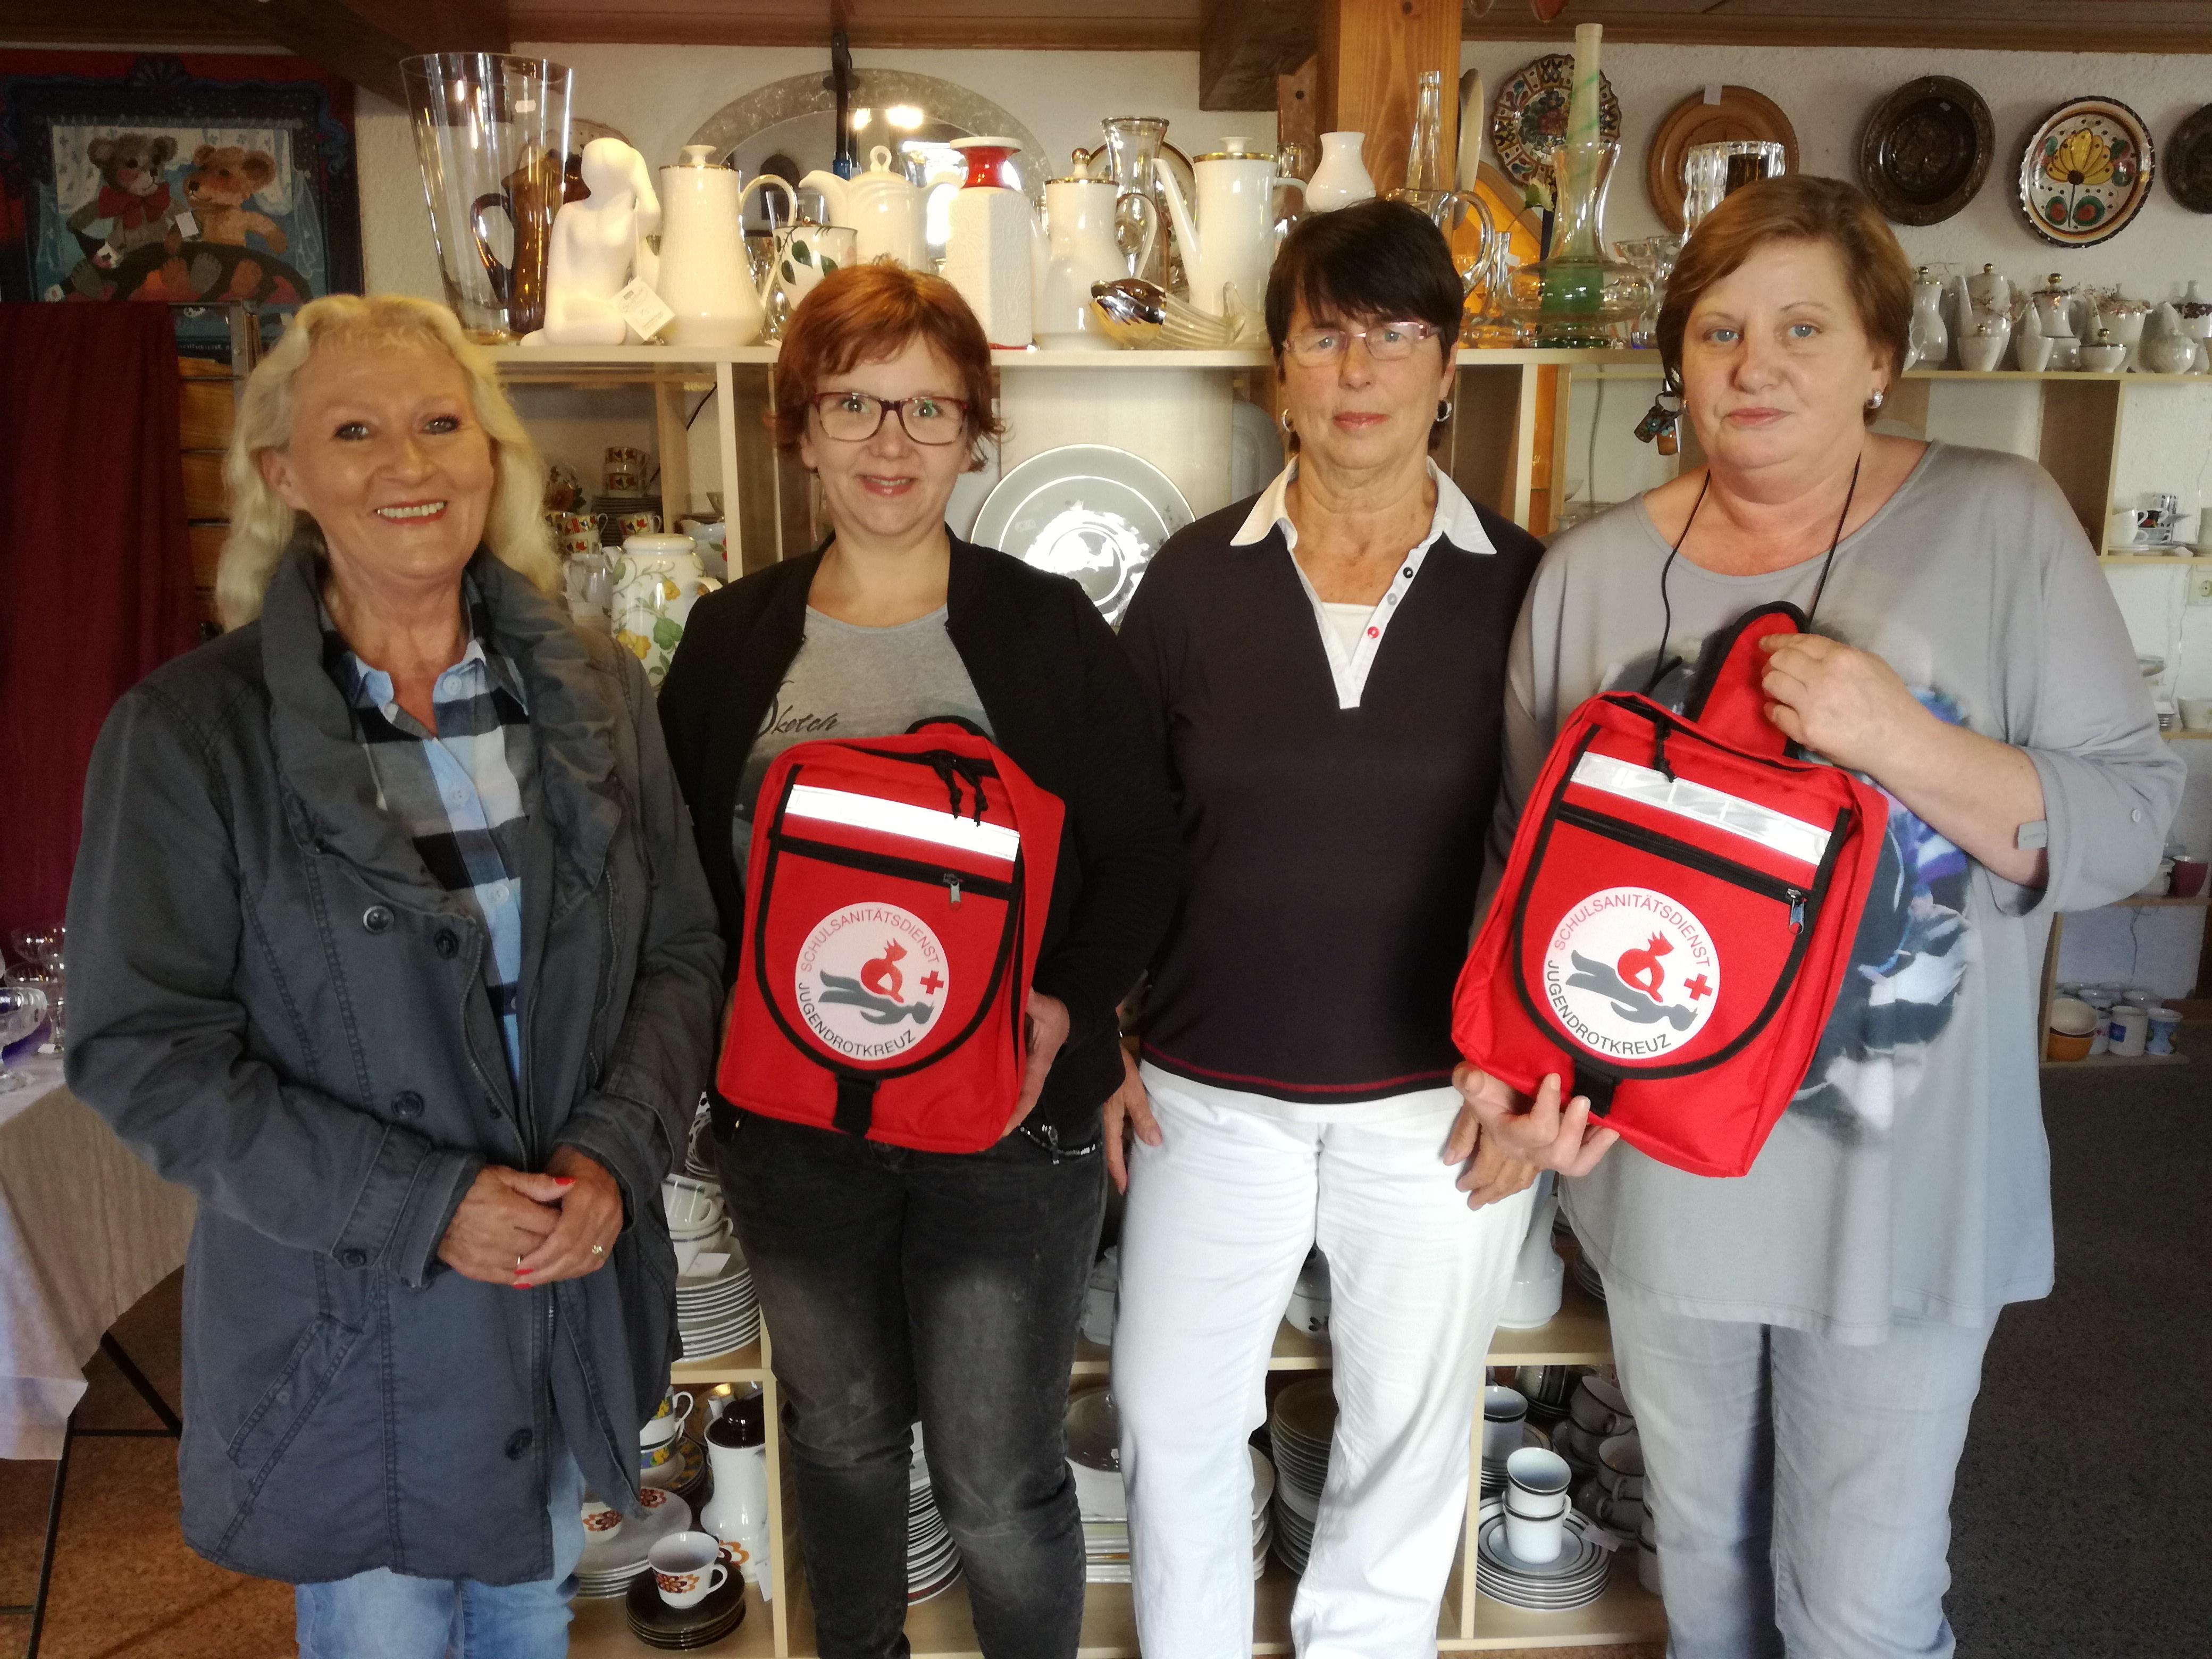 Danke an das Team der Schatzkiste. Die Aufnahme entstand bei der Spendenübergabe und zeigt von links: Ellen Löb, Projektleiterin Ute Klock, Ilse Pfeifer und Susanne Ali.